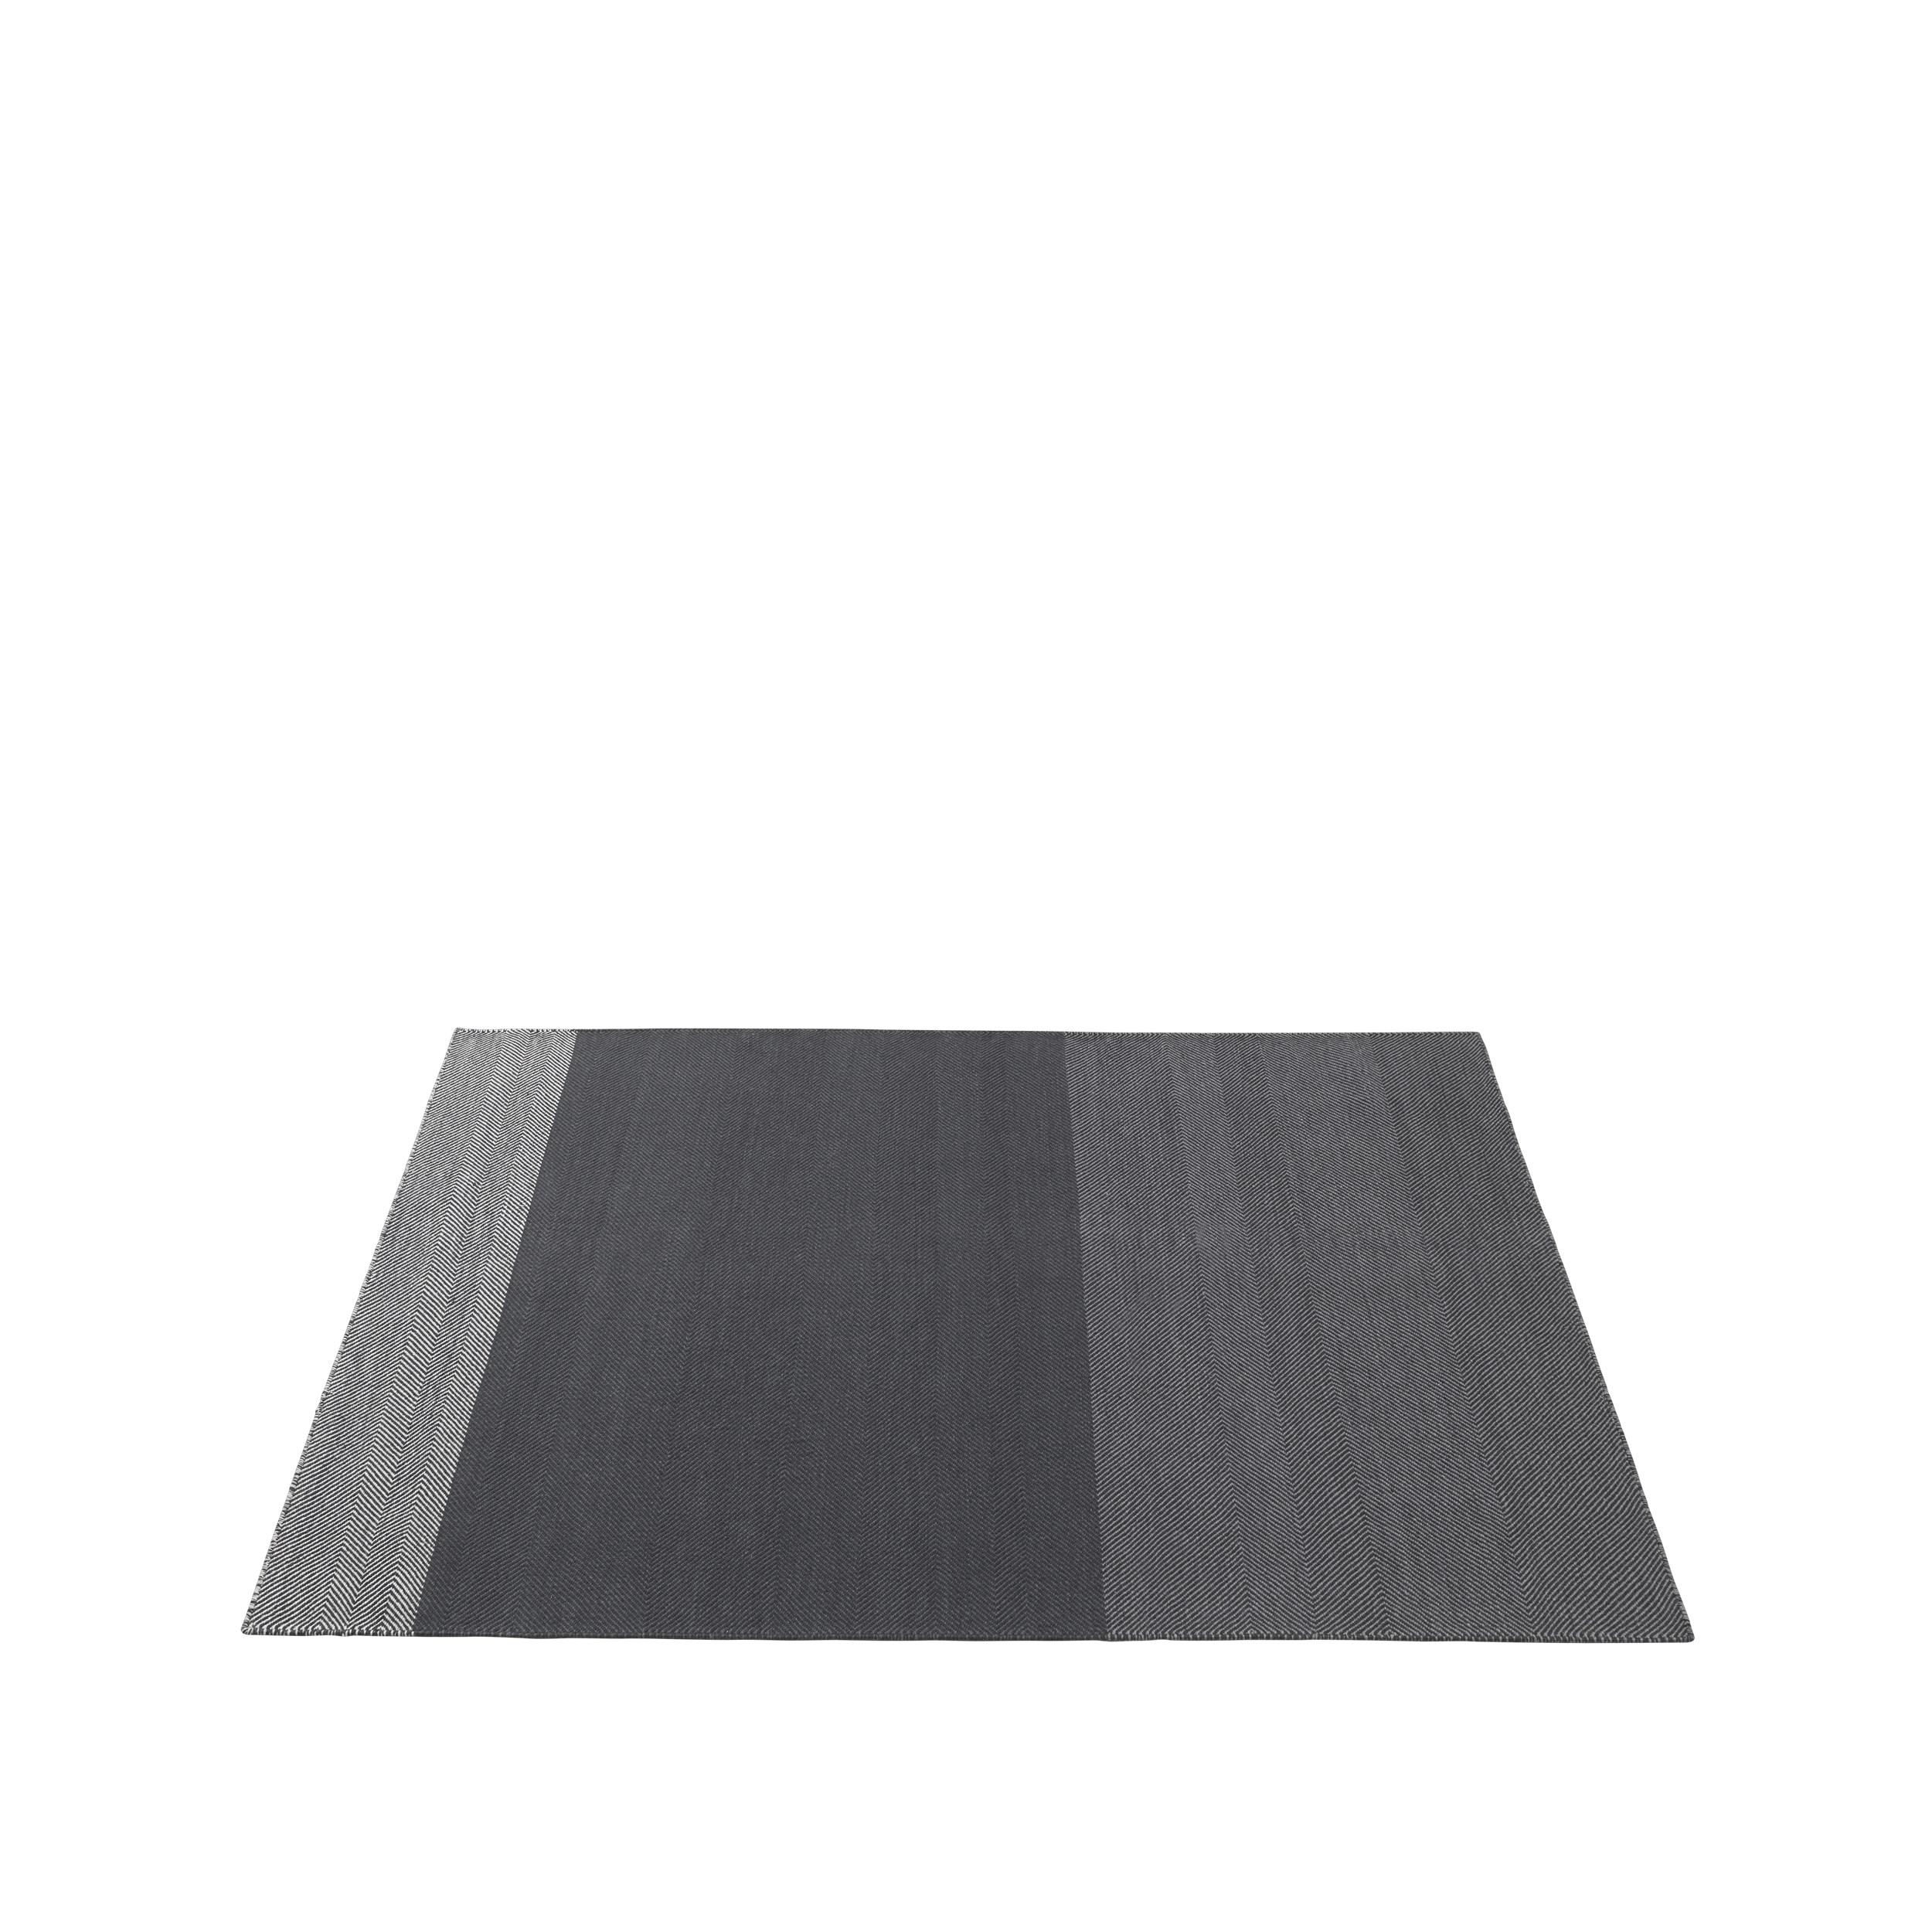 Varjo rug 170 x 240 dark grey